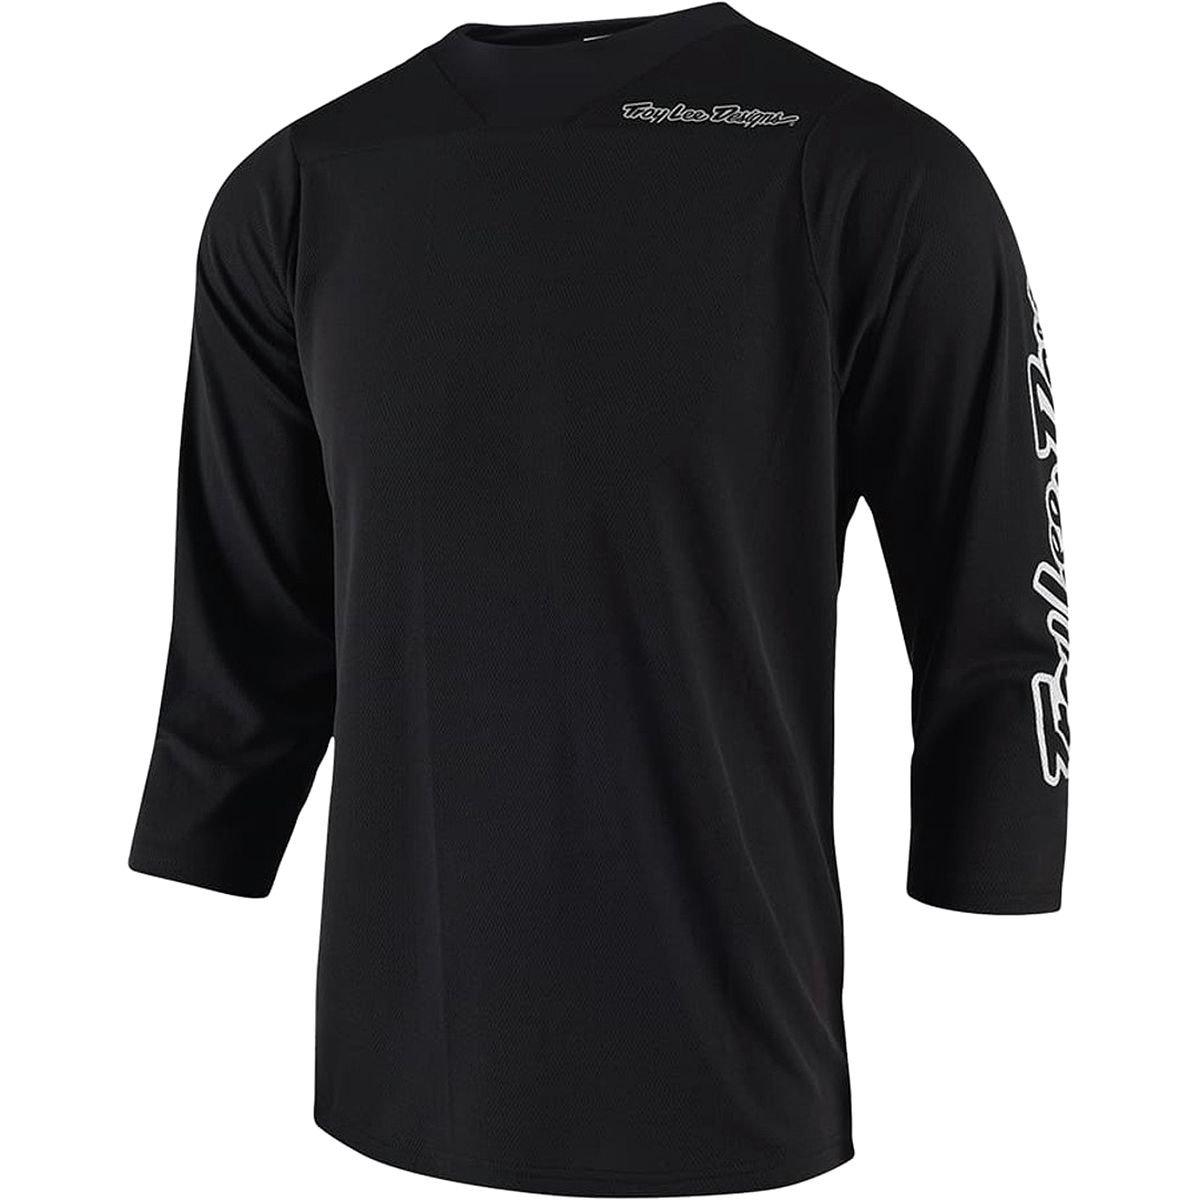 [トロイリーデザイン] メンズ サイクリング Ruckus Jersey [並行輸入品] XXL  B07P2WB8T3